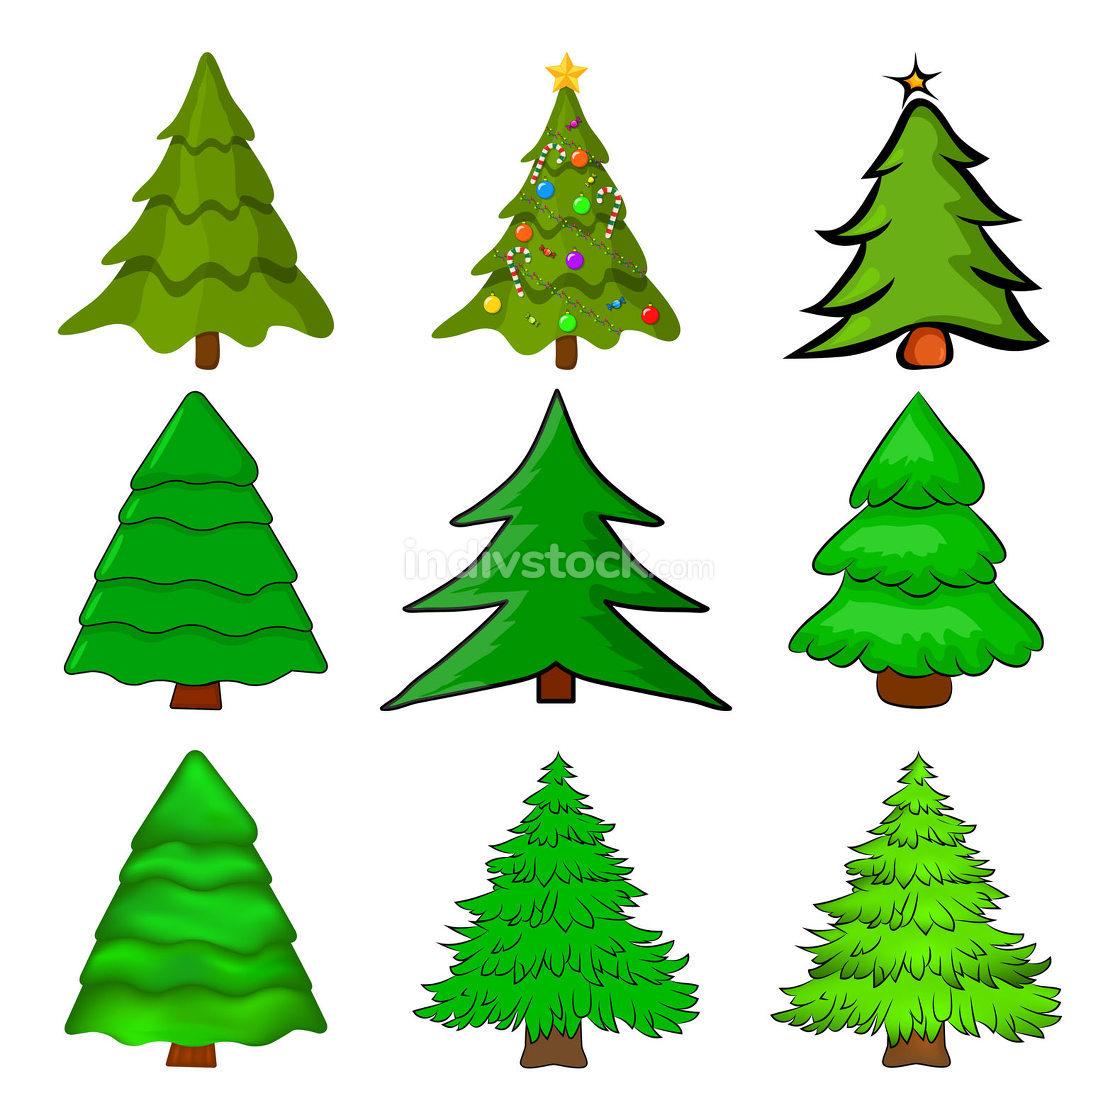 Christmas trees set. Cartoon fir tree illustration isolated on w